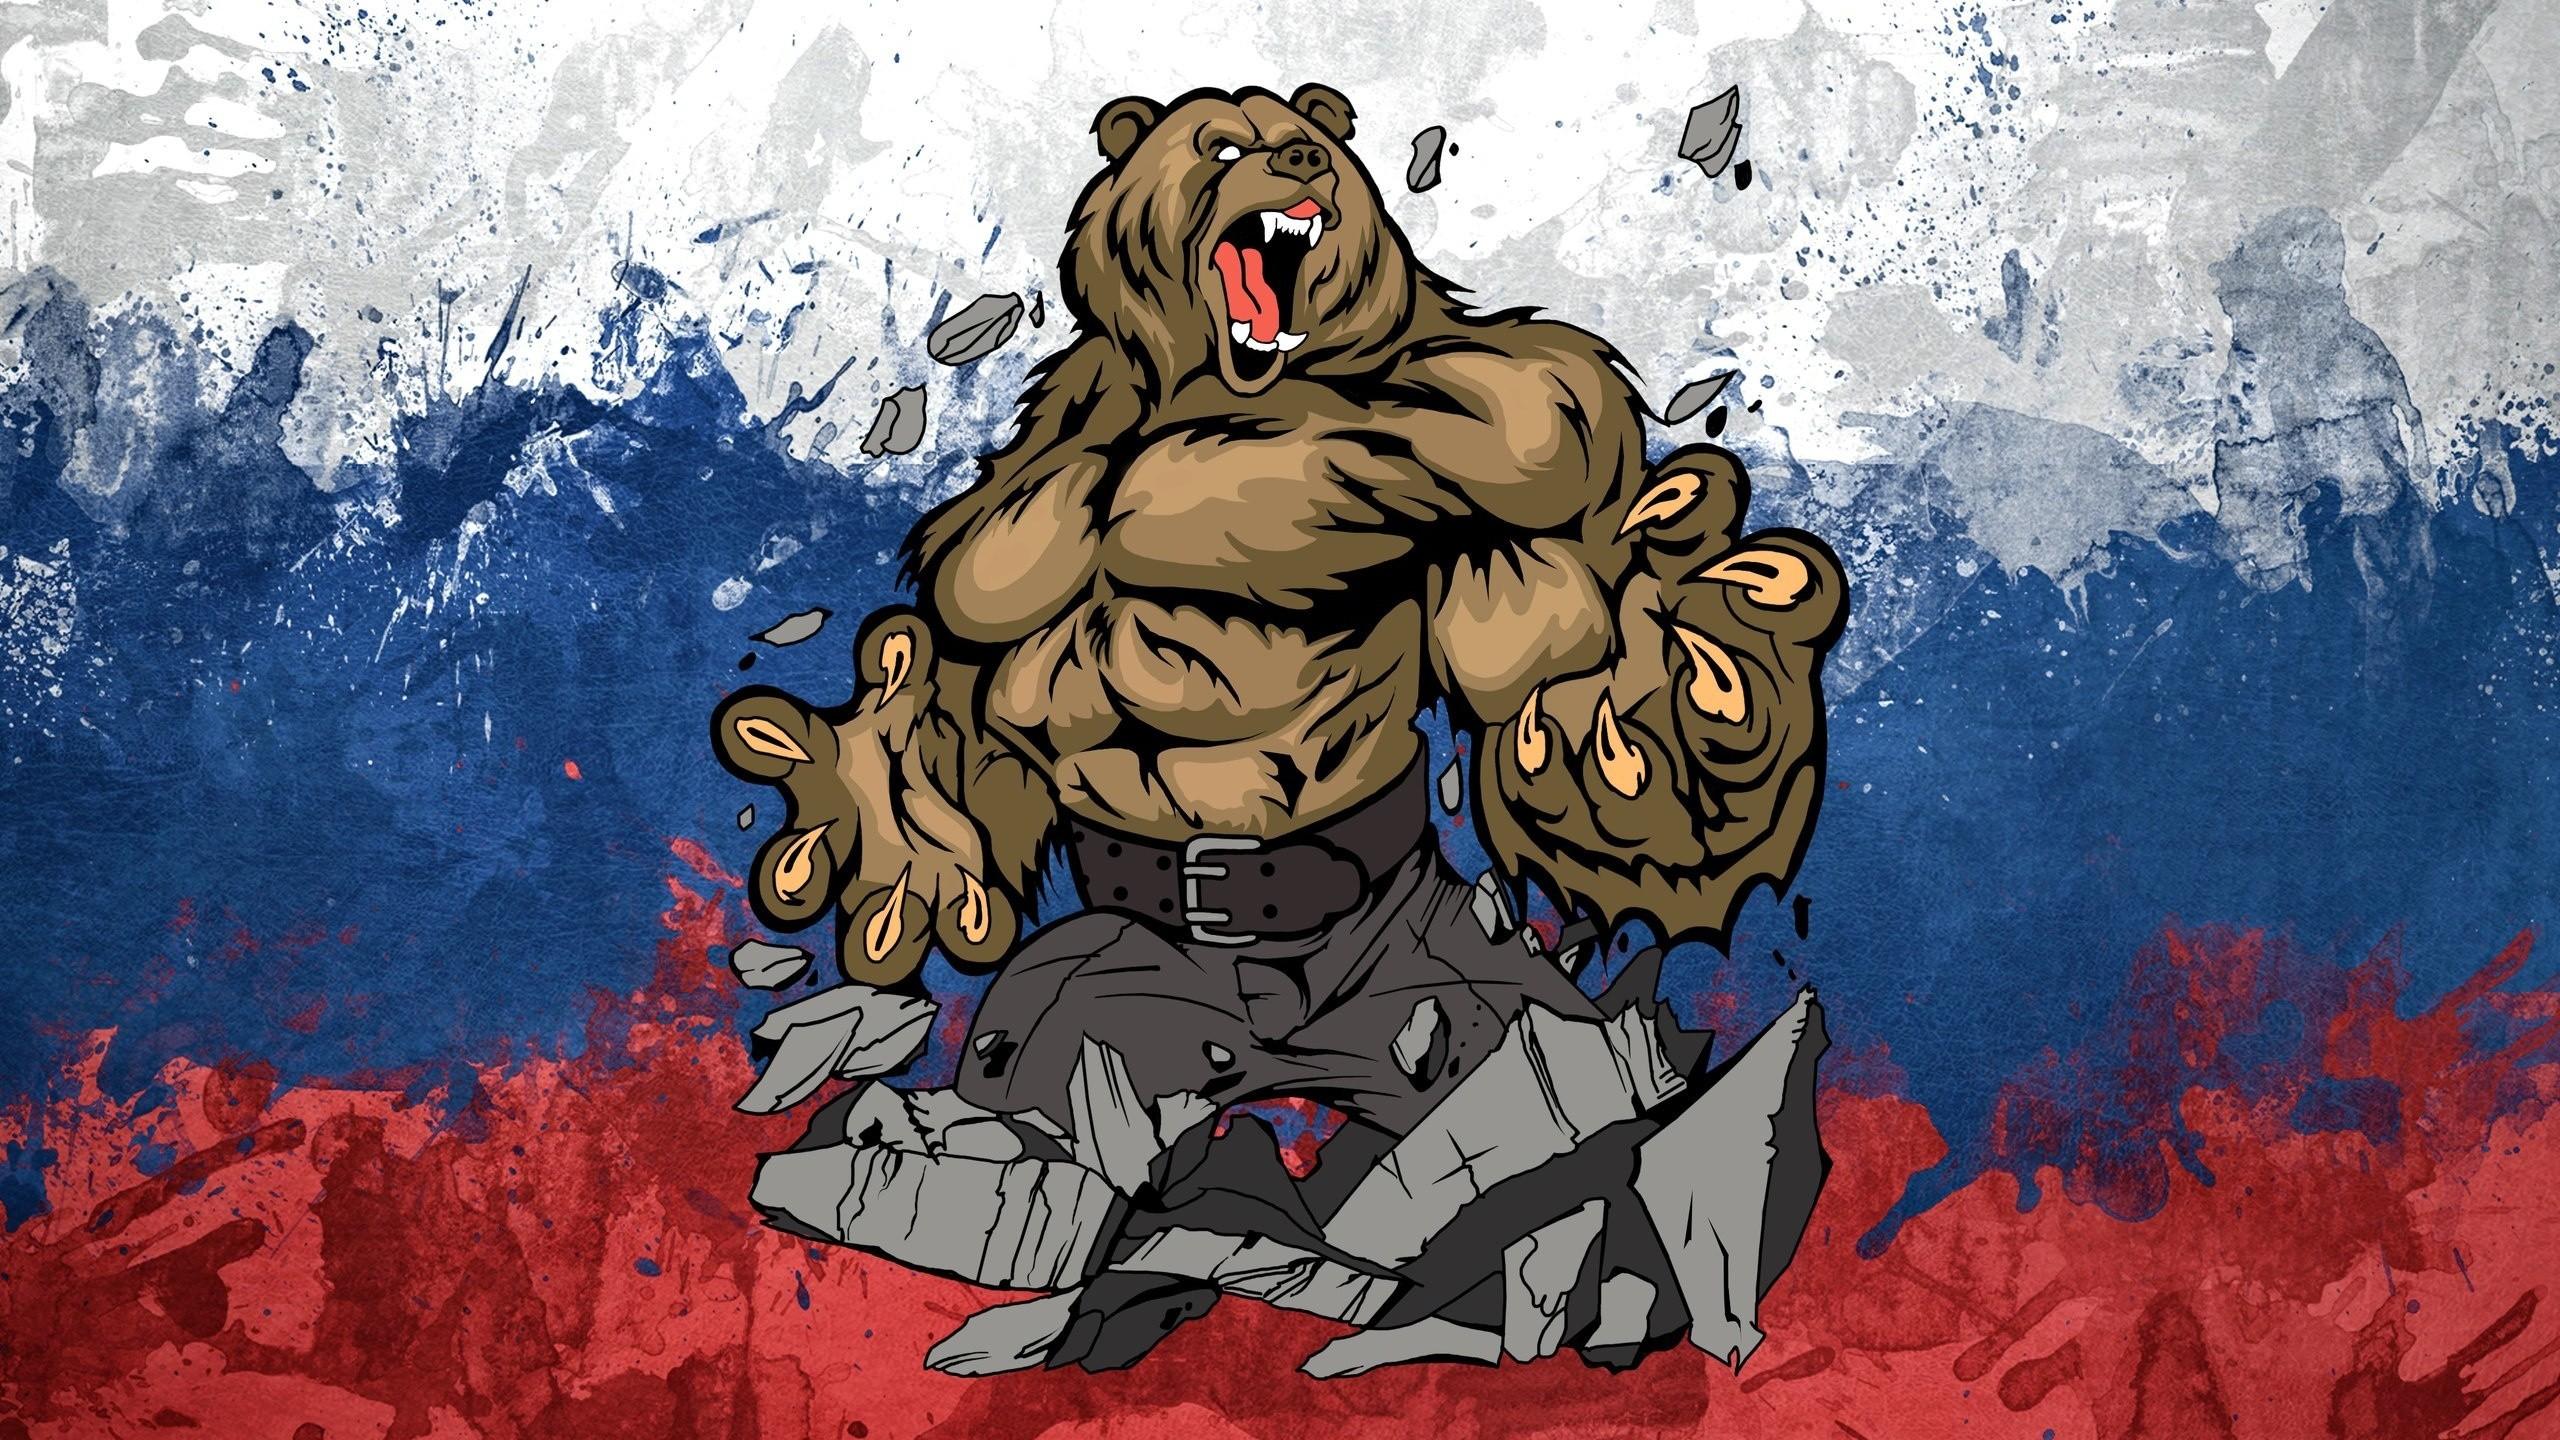 Wallpaper Ilustrasi Gambar Kartun Bendera Beruang Rusia